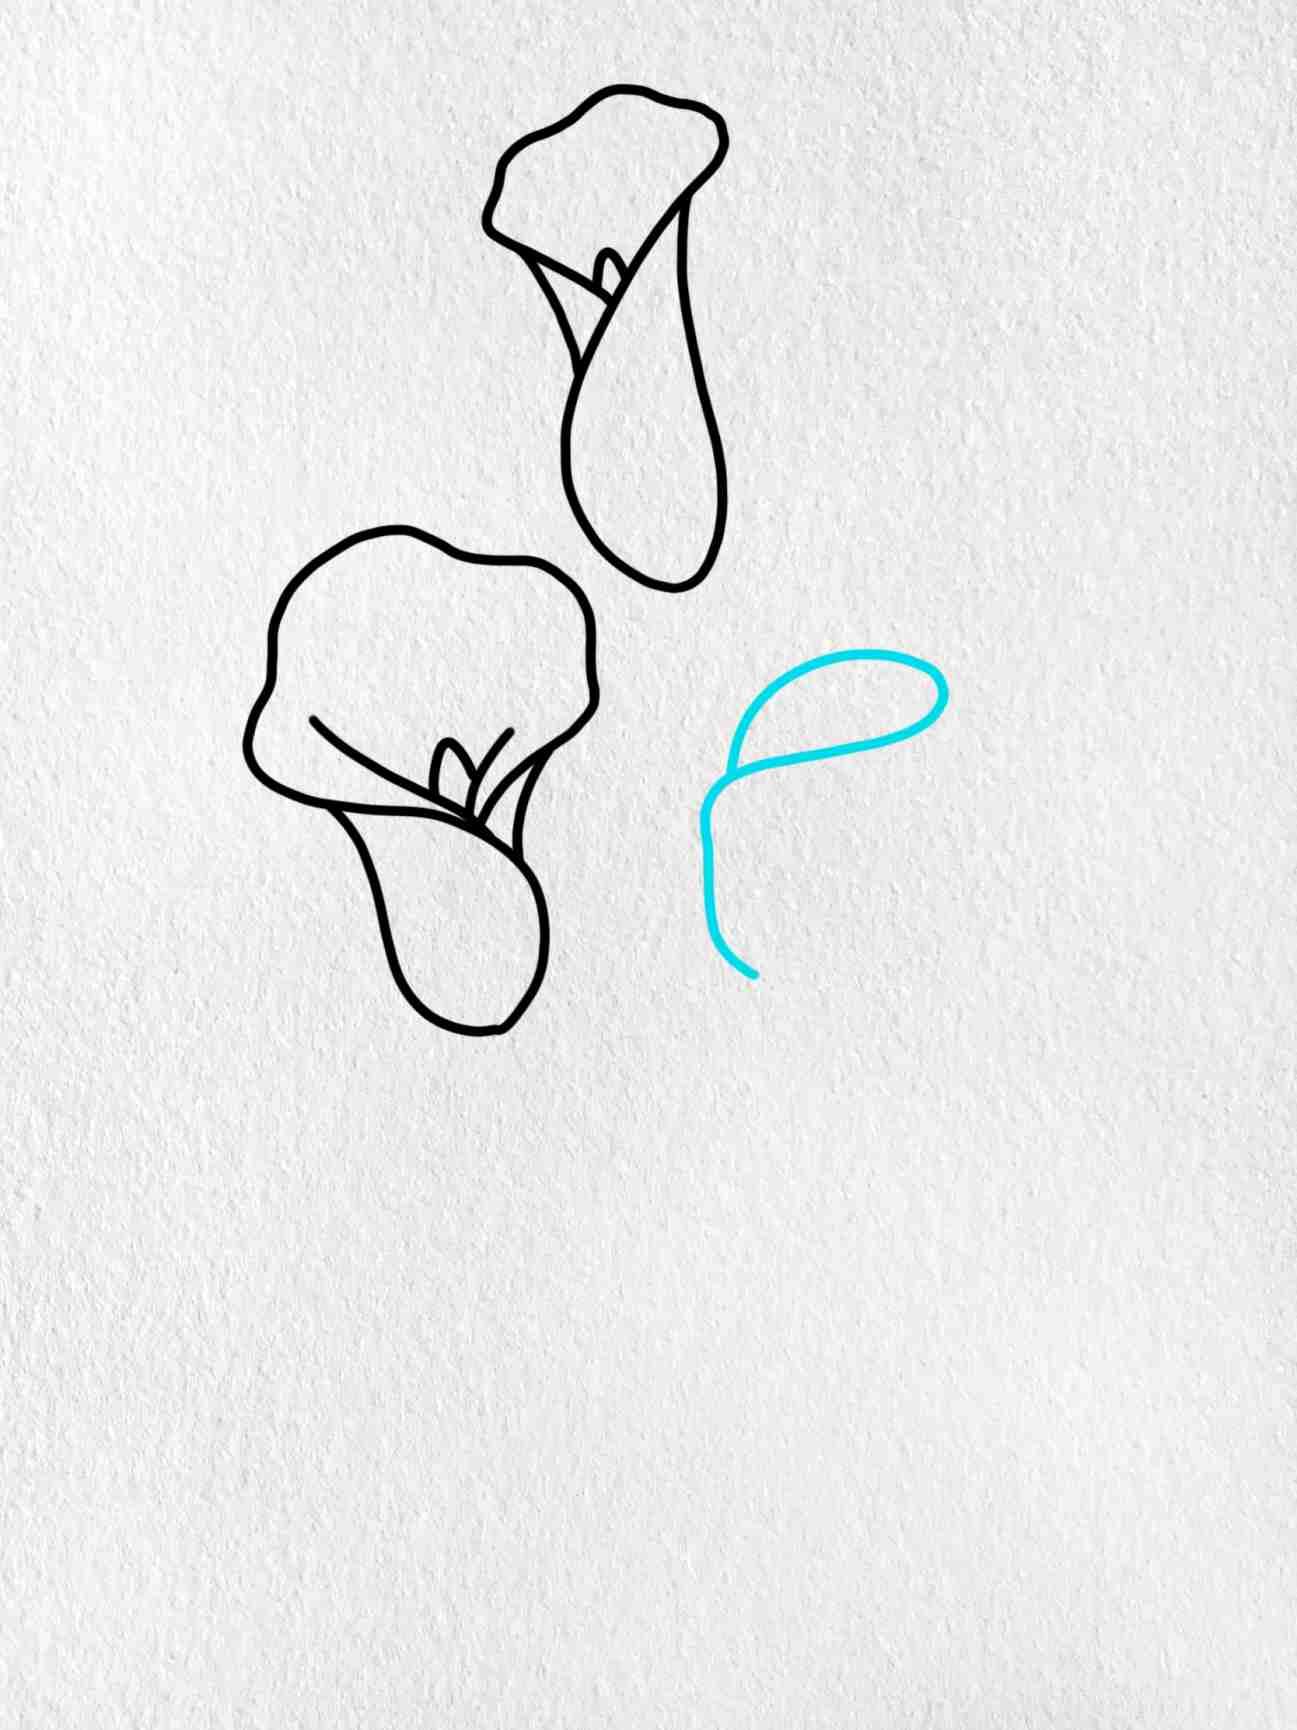 Calla Lily Drawing: Step 5